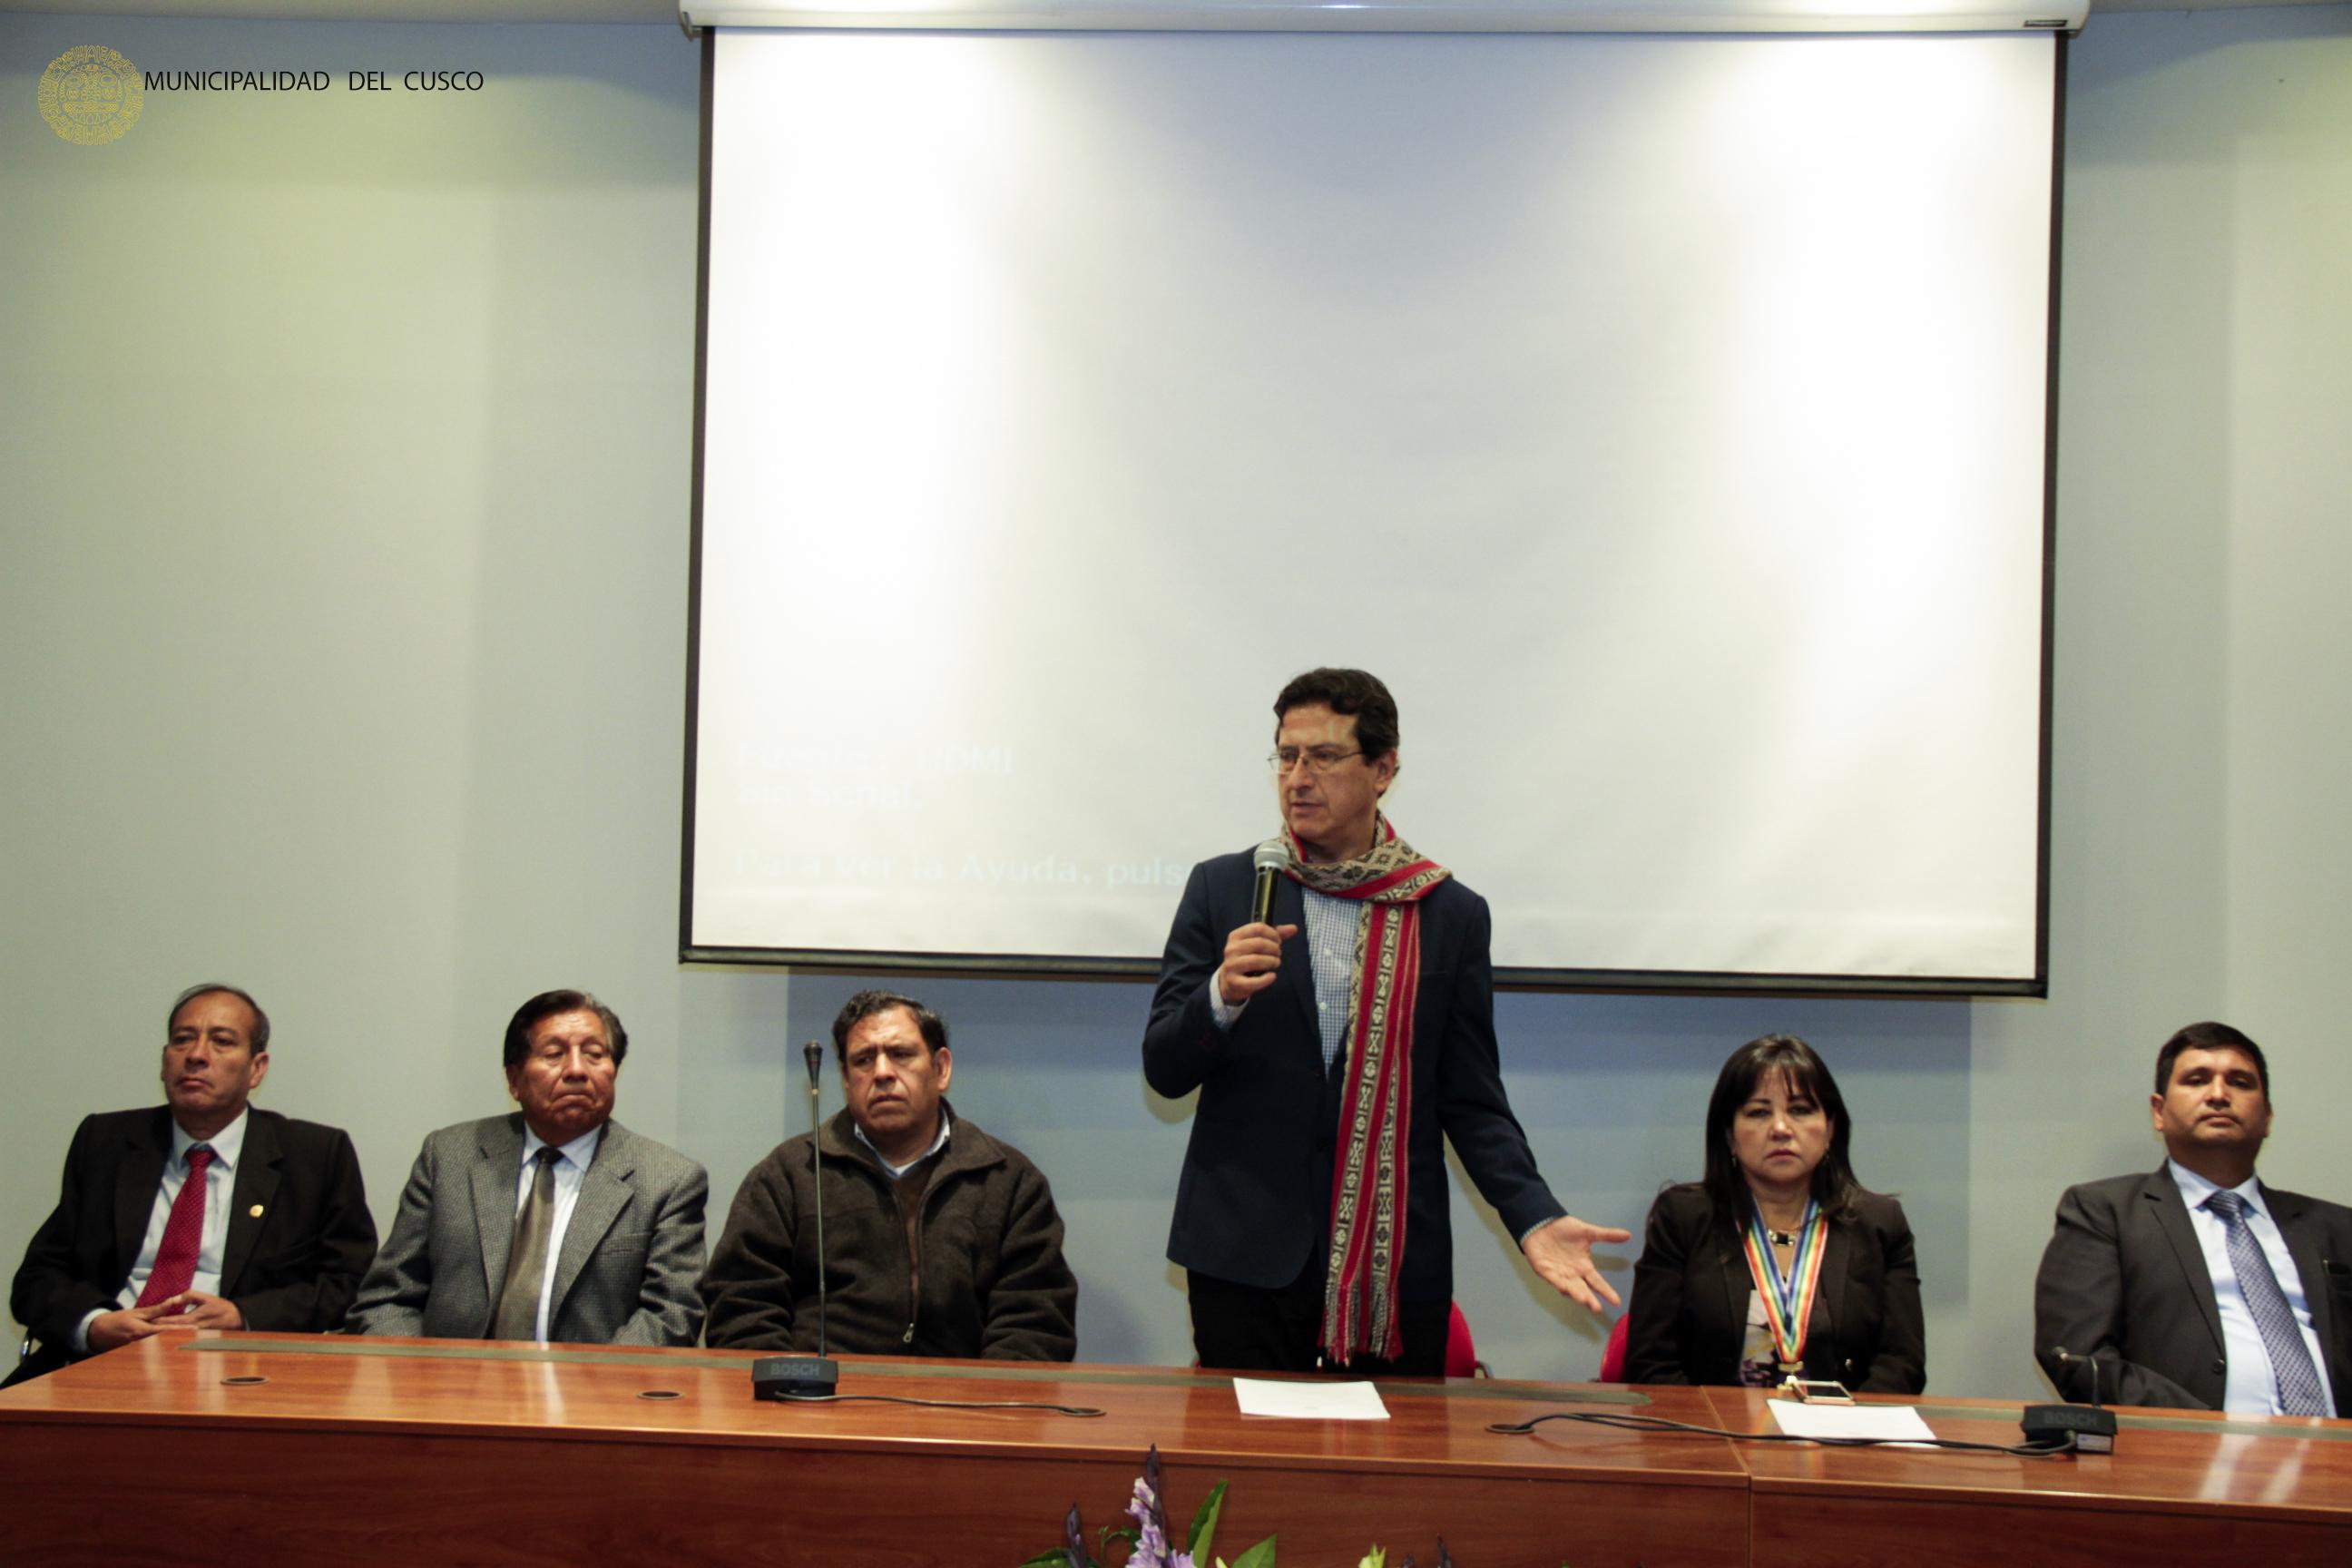 MUNICIPALIDAD DEL CUSCO SALUDA A LA EMUFEC POR SUS  31 AÑOS DE  VIDA INSTITUCIONAL.